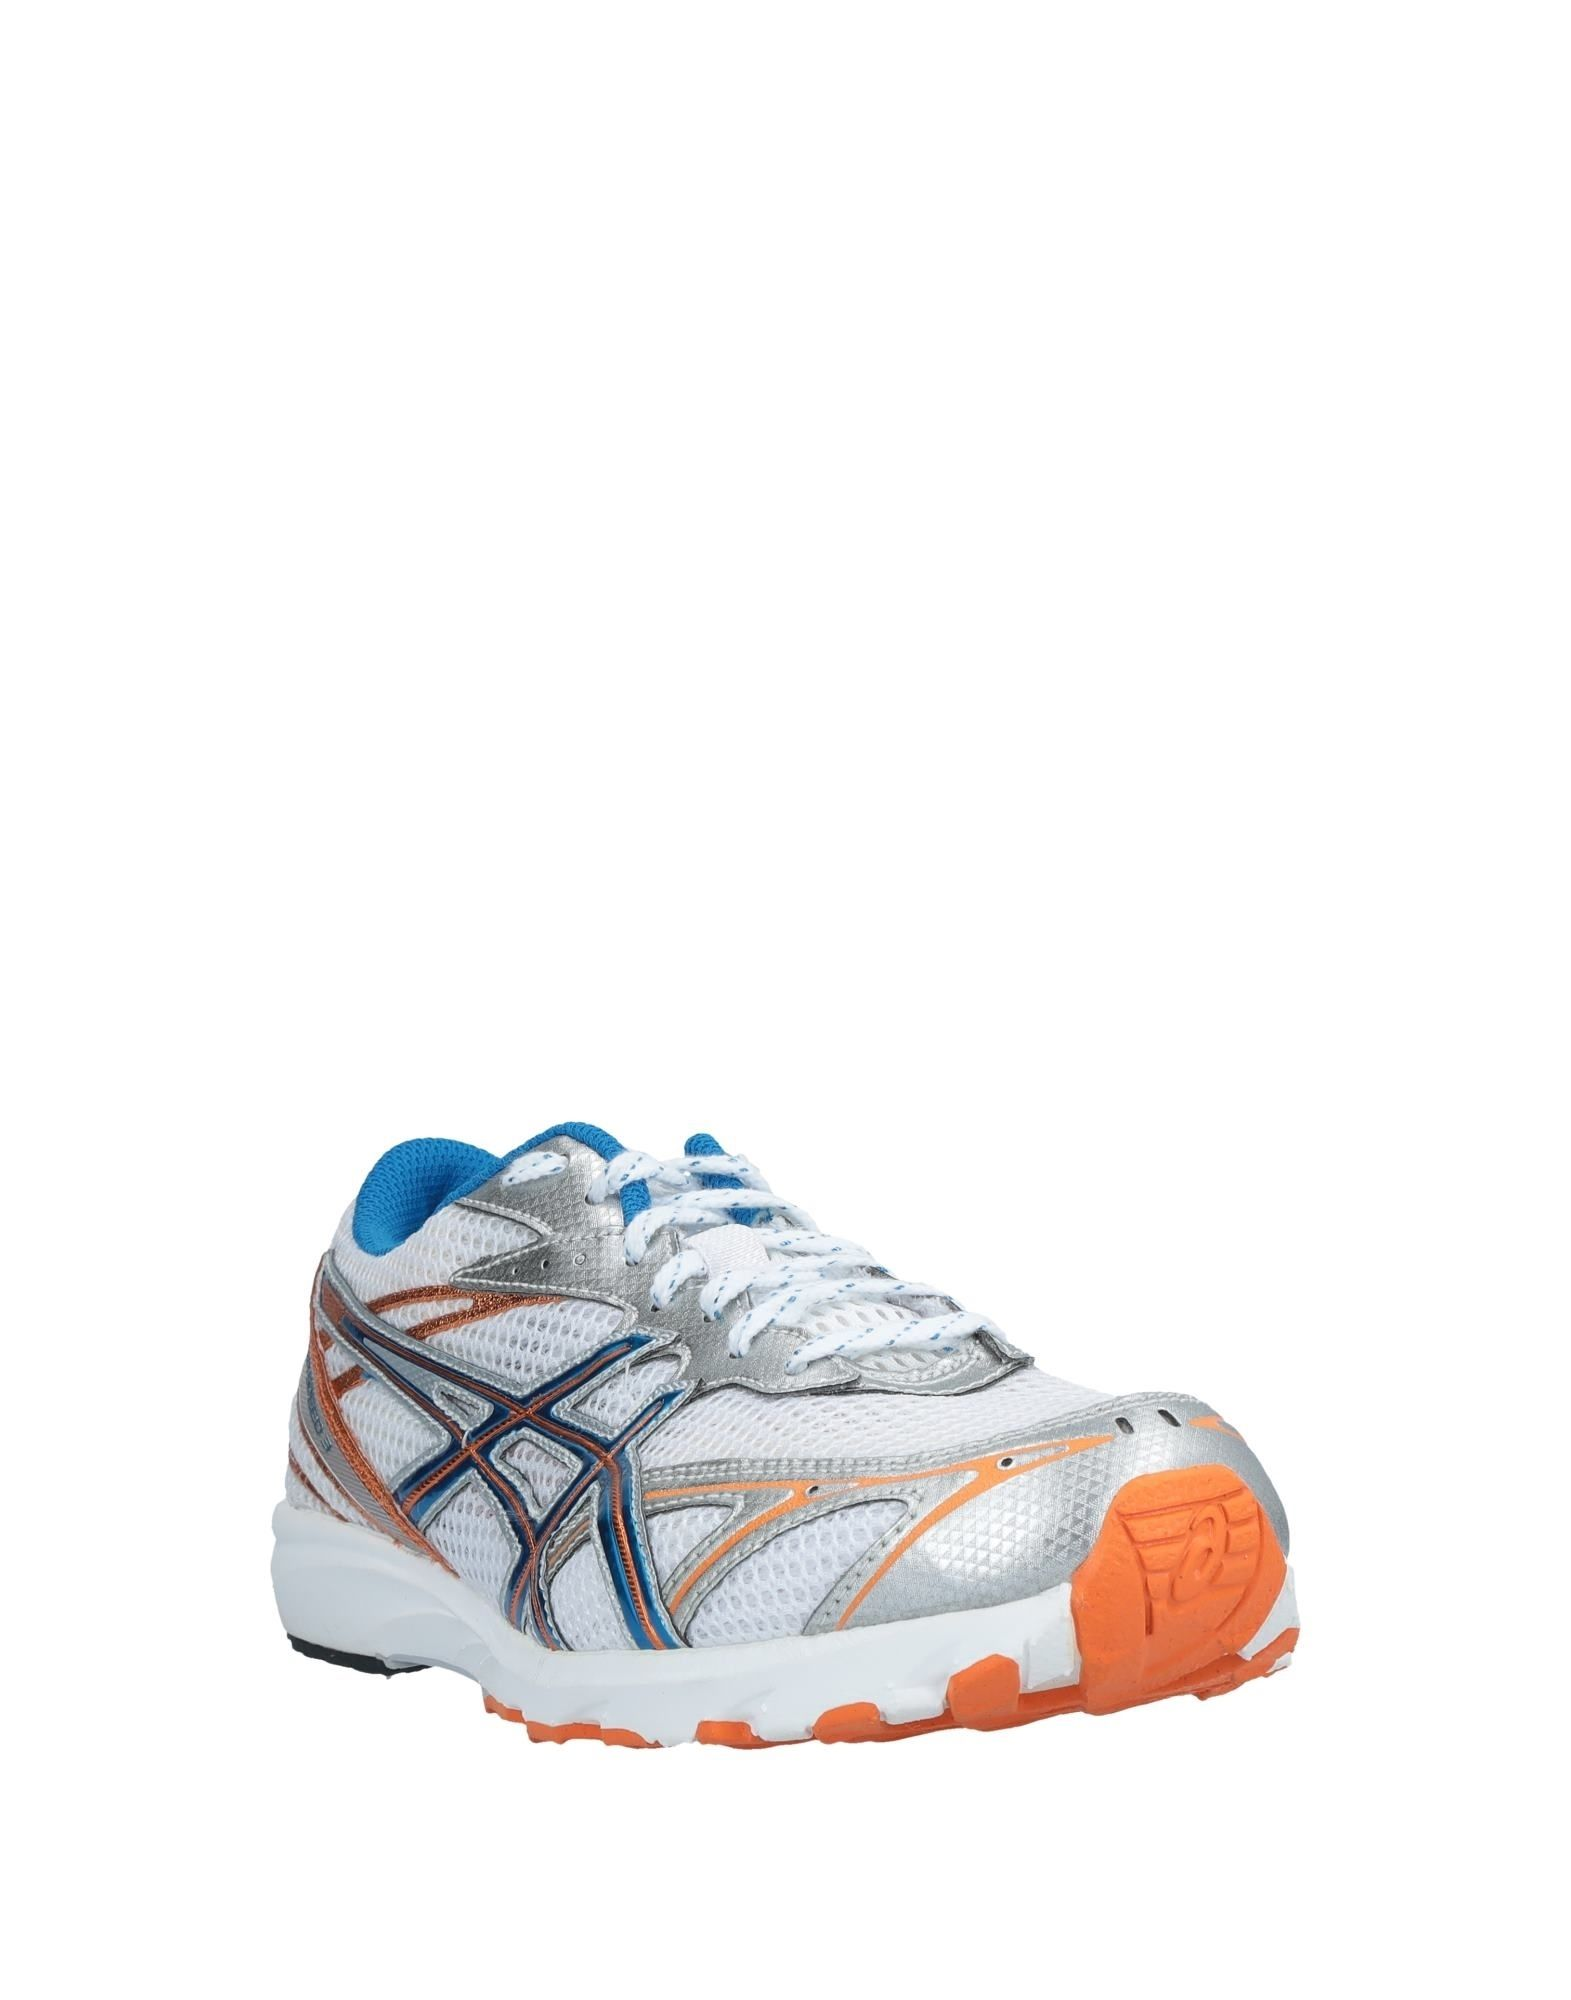 Asics Sneakers Herren Herren Sneakers  11537441CT ca83ab